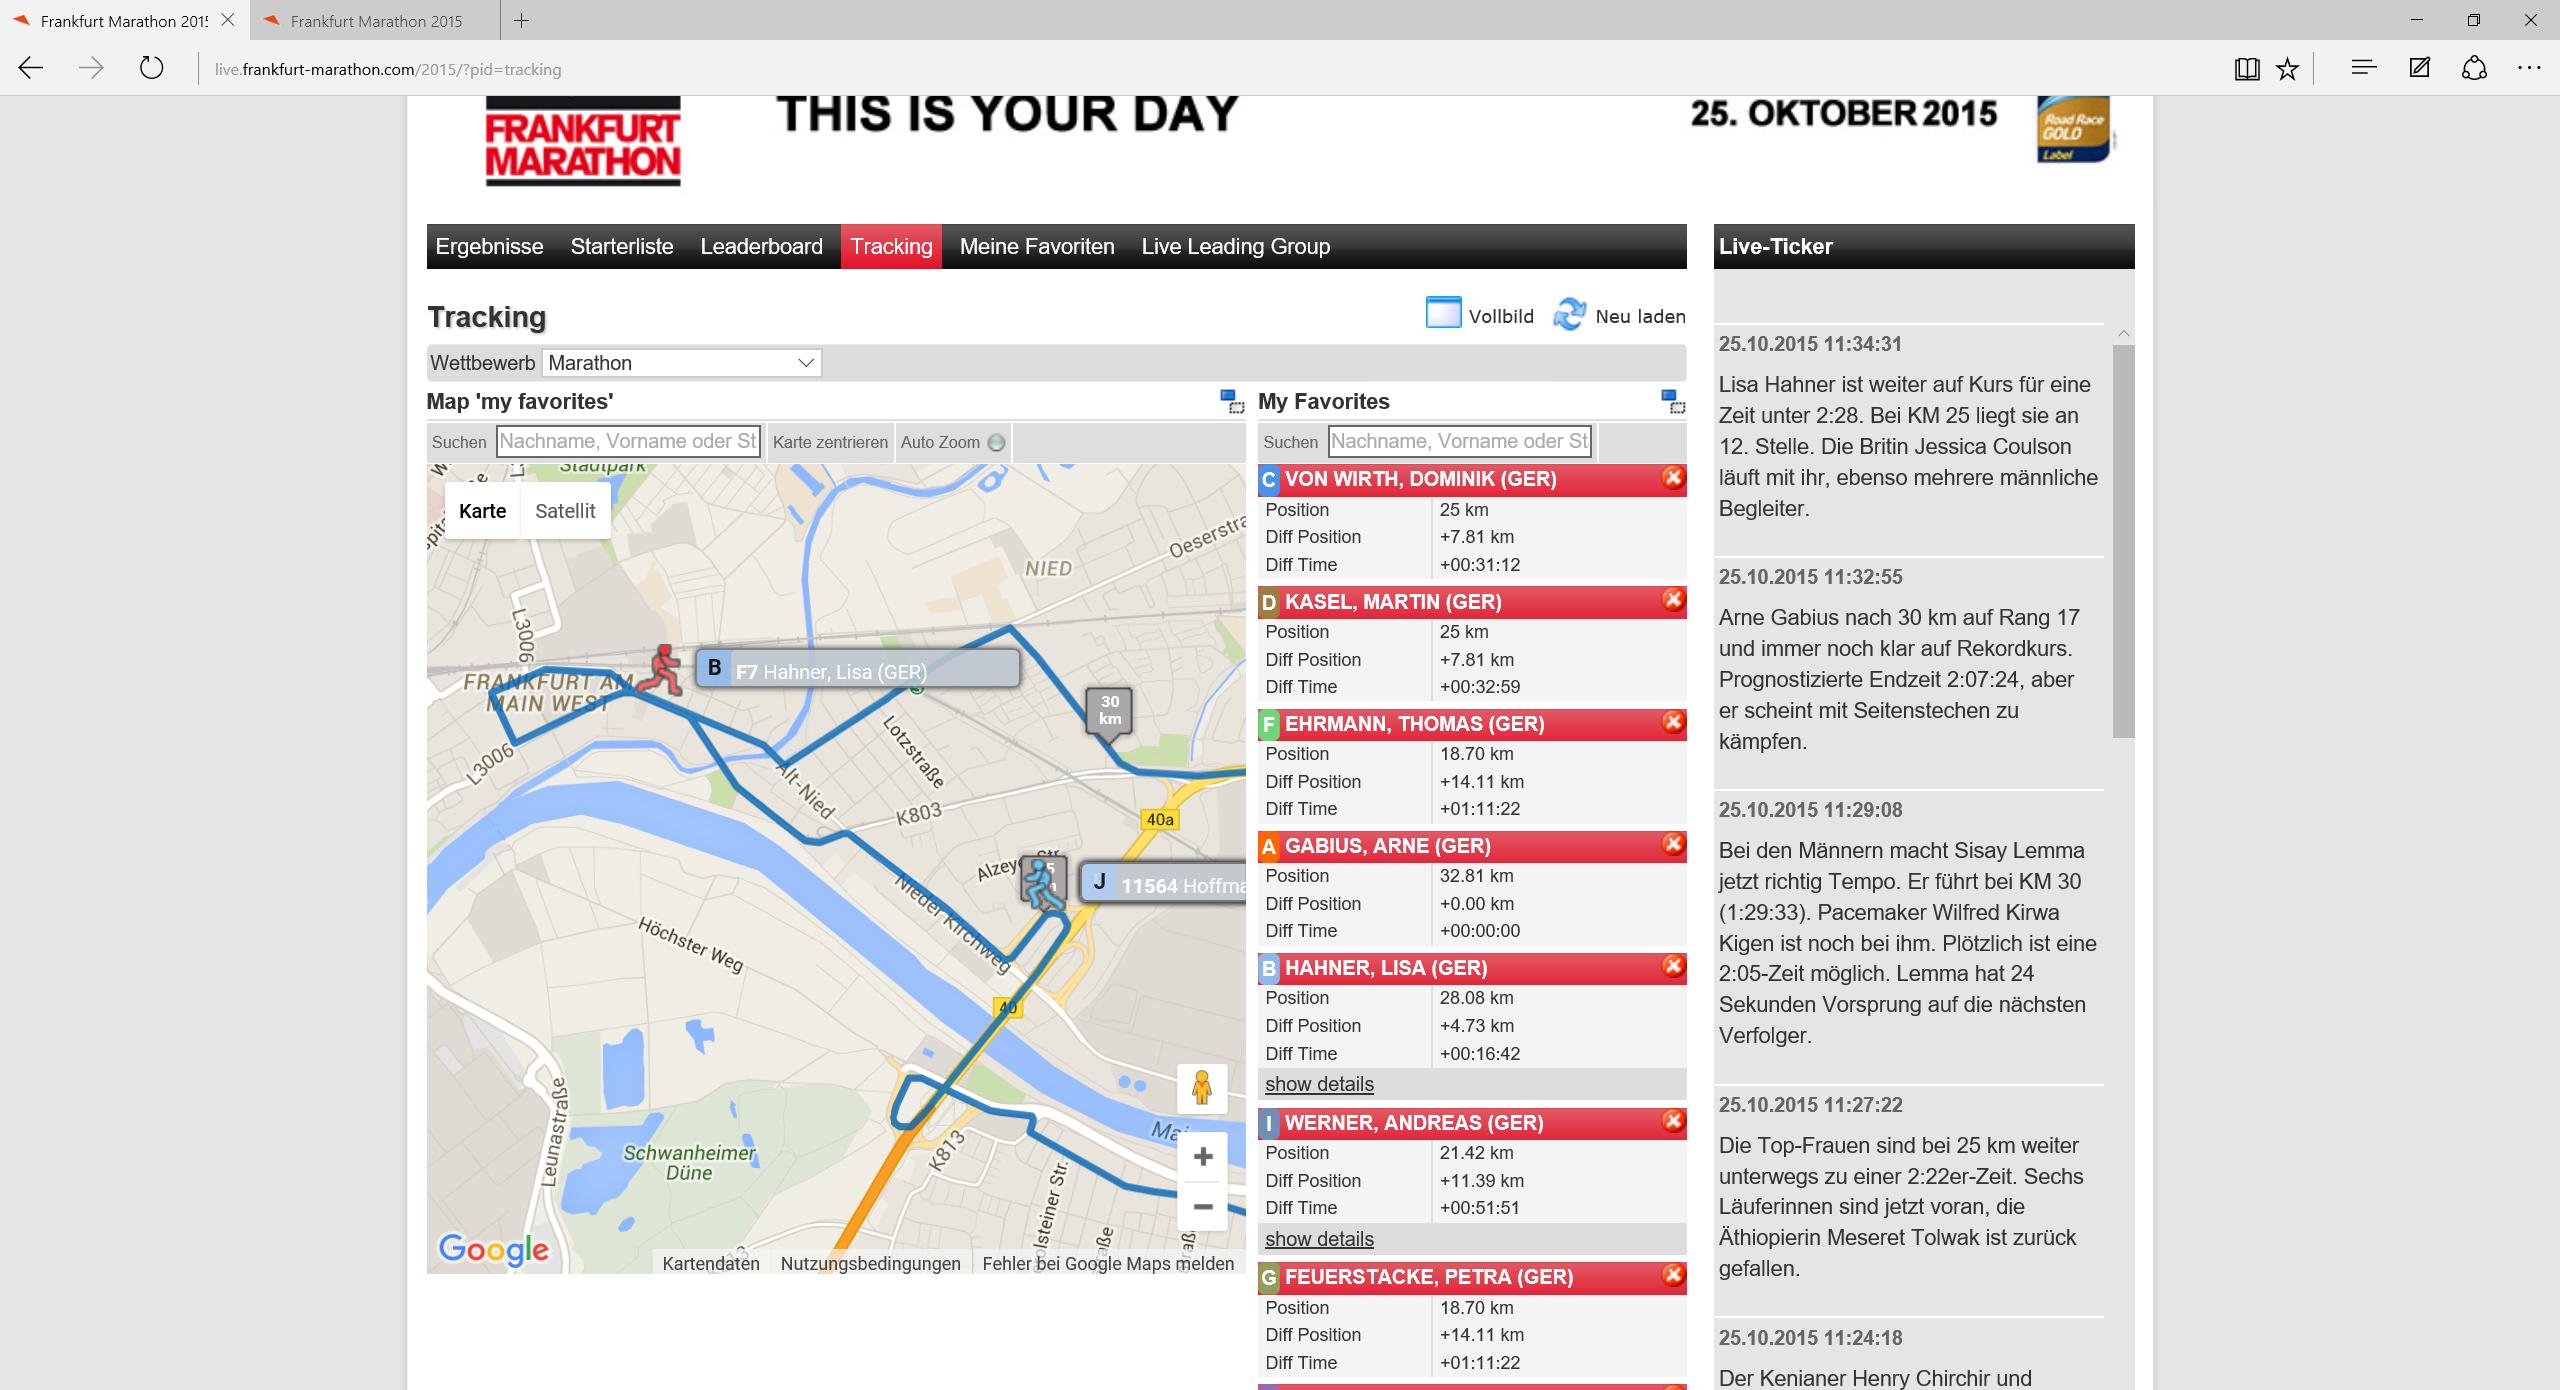 1:45 im Rennen: Sisay Lemma läßt seinen Pacer bei 33 km hinter sich und wird wohl gewinnen. Arne kämpft.